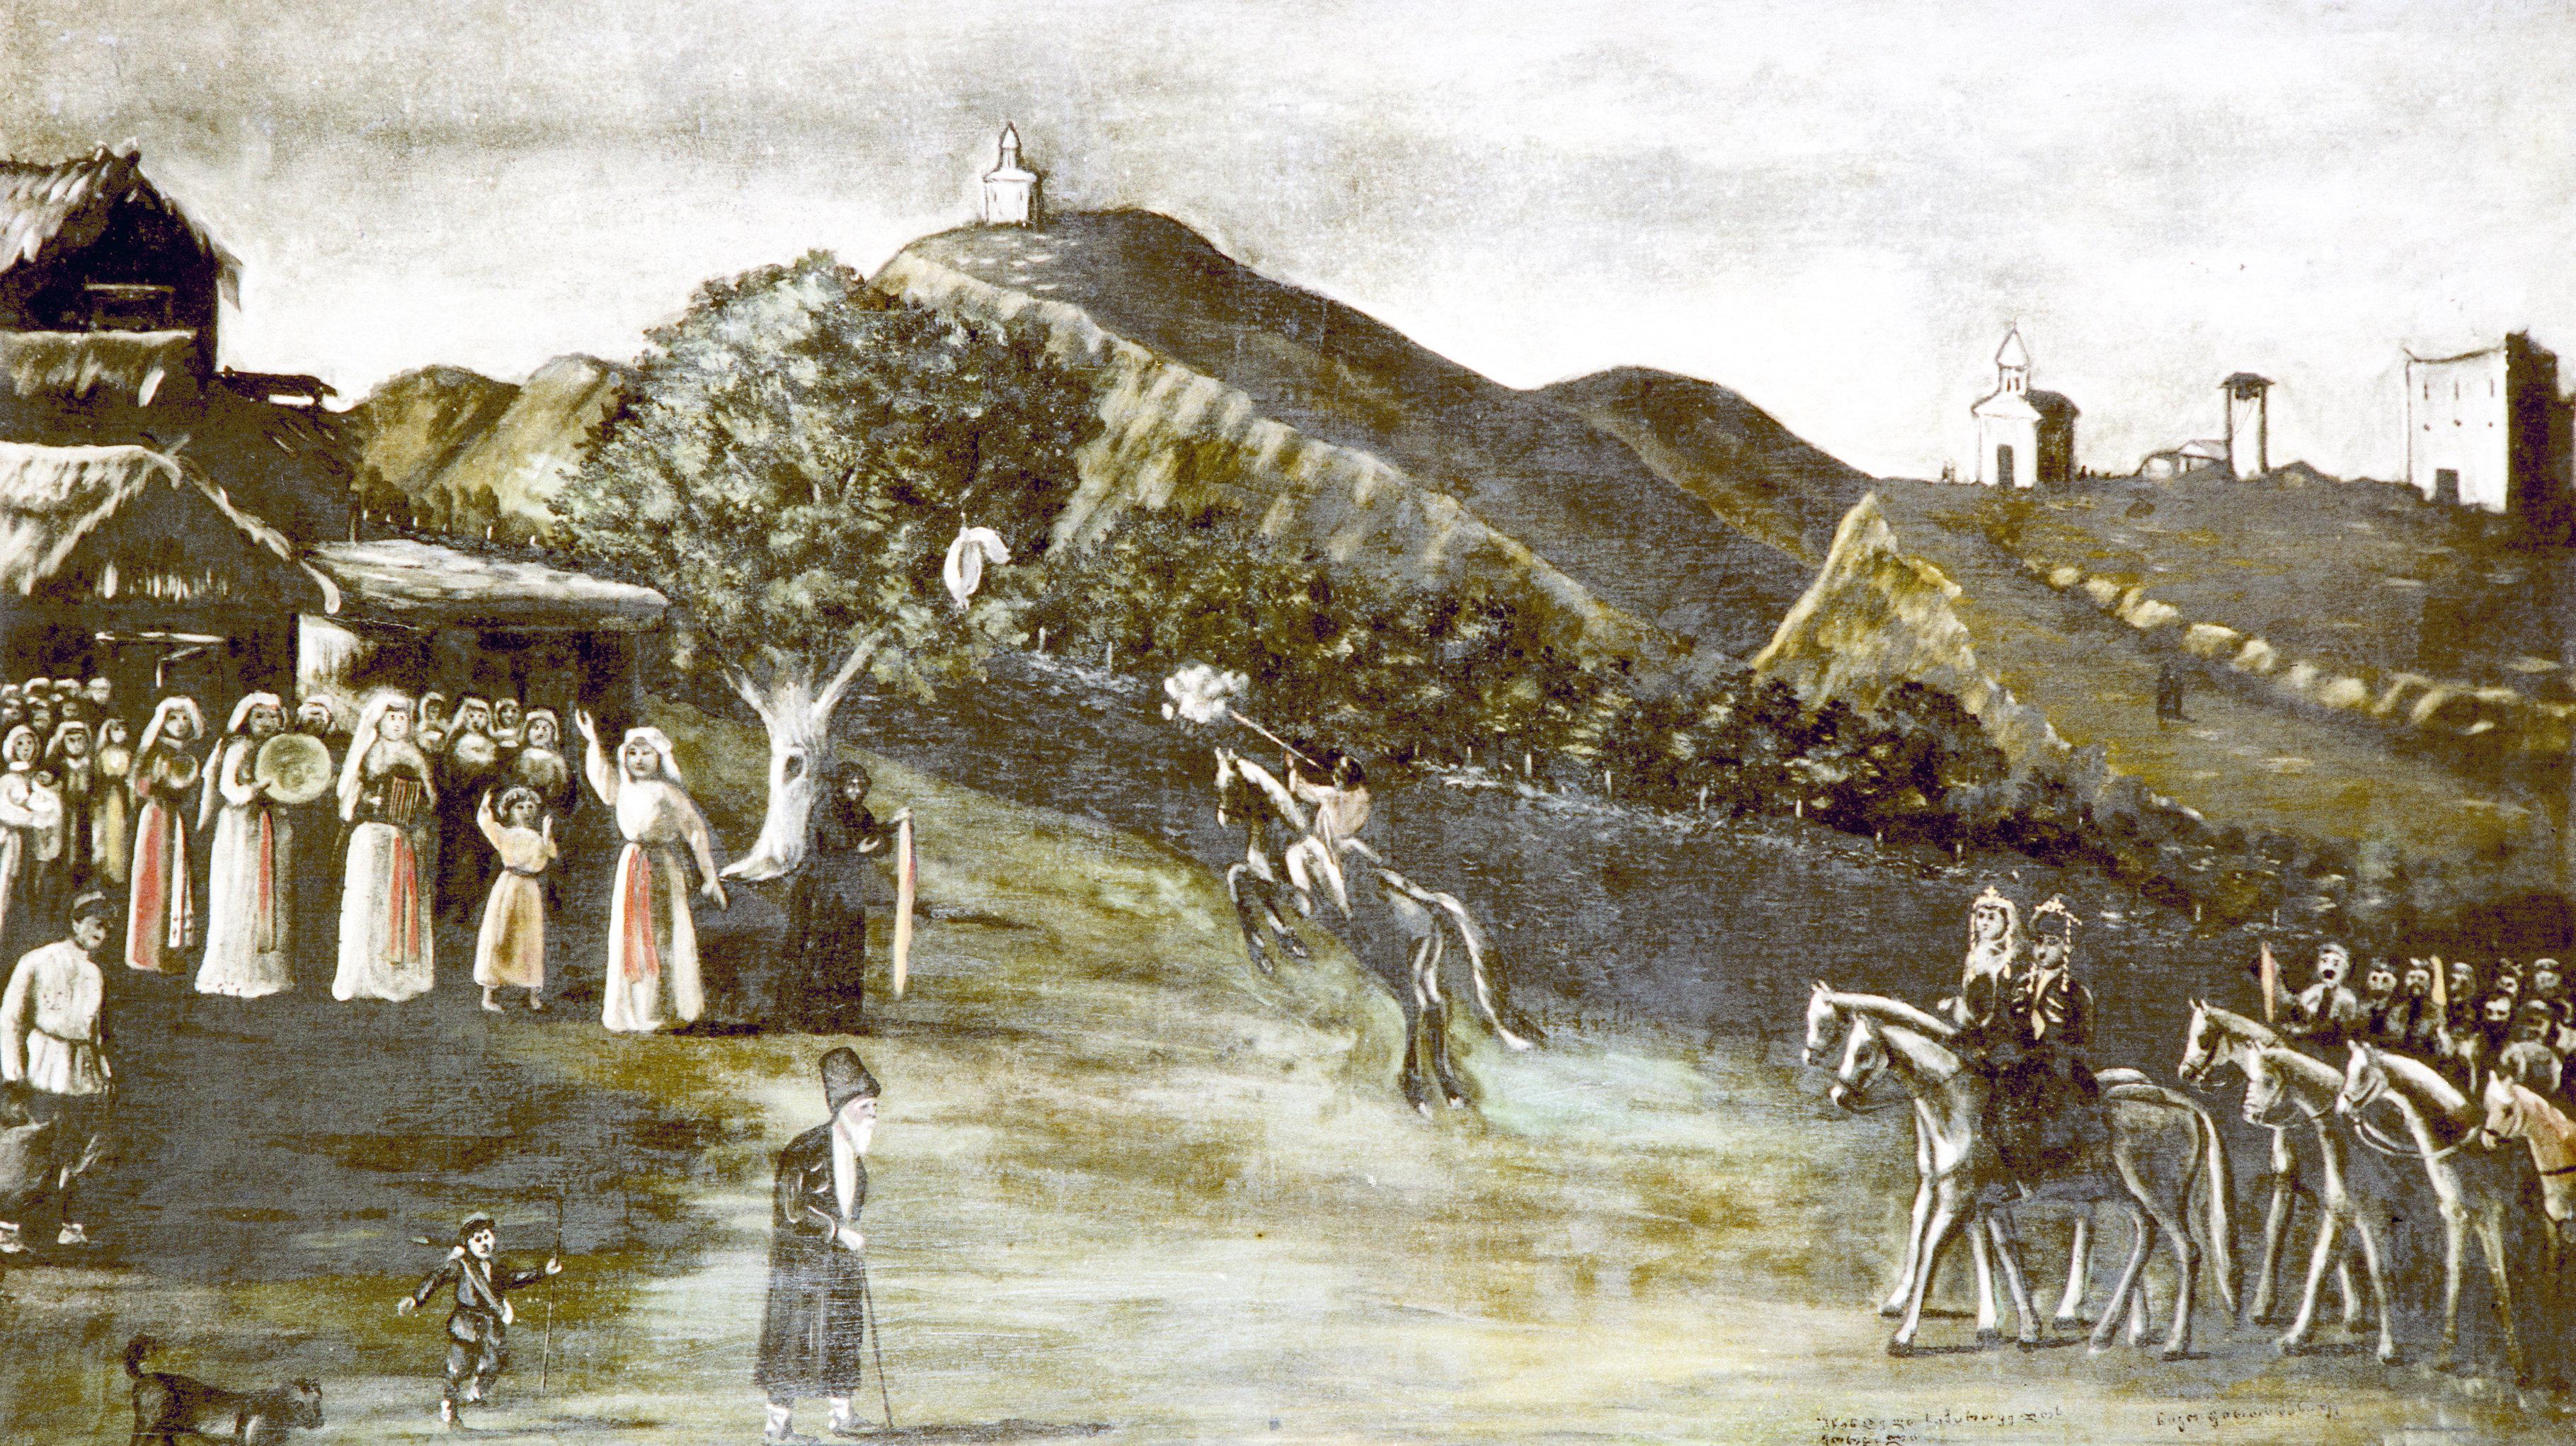 ნახატის ქორწილი კახეთში რეკონსტრუქცია. მხატვარი ნიკო ფიროსმანი, შესრულებულია 1913 წელს.